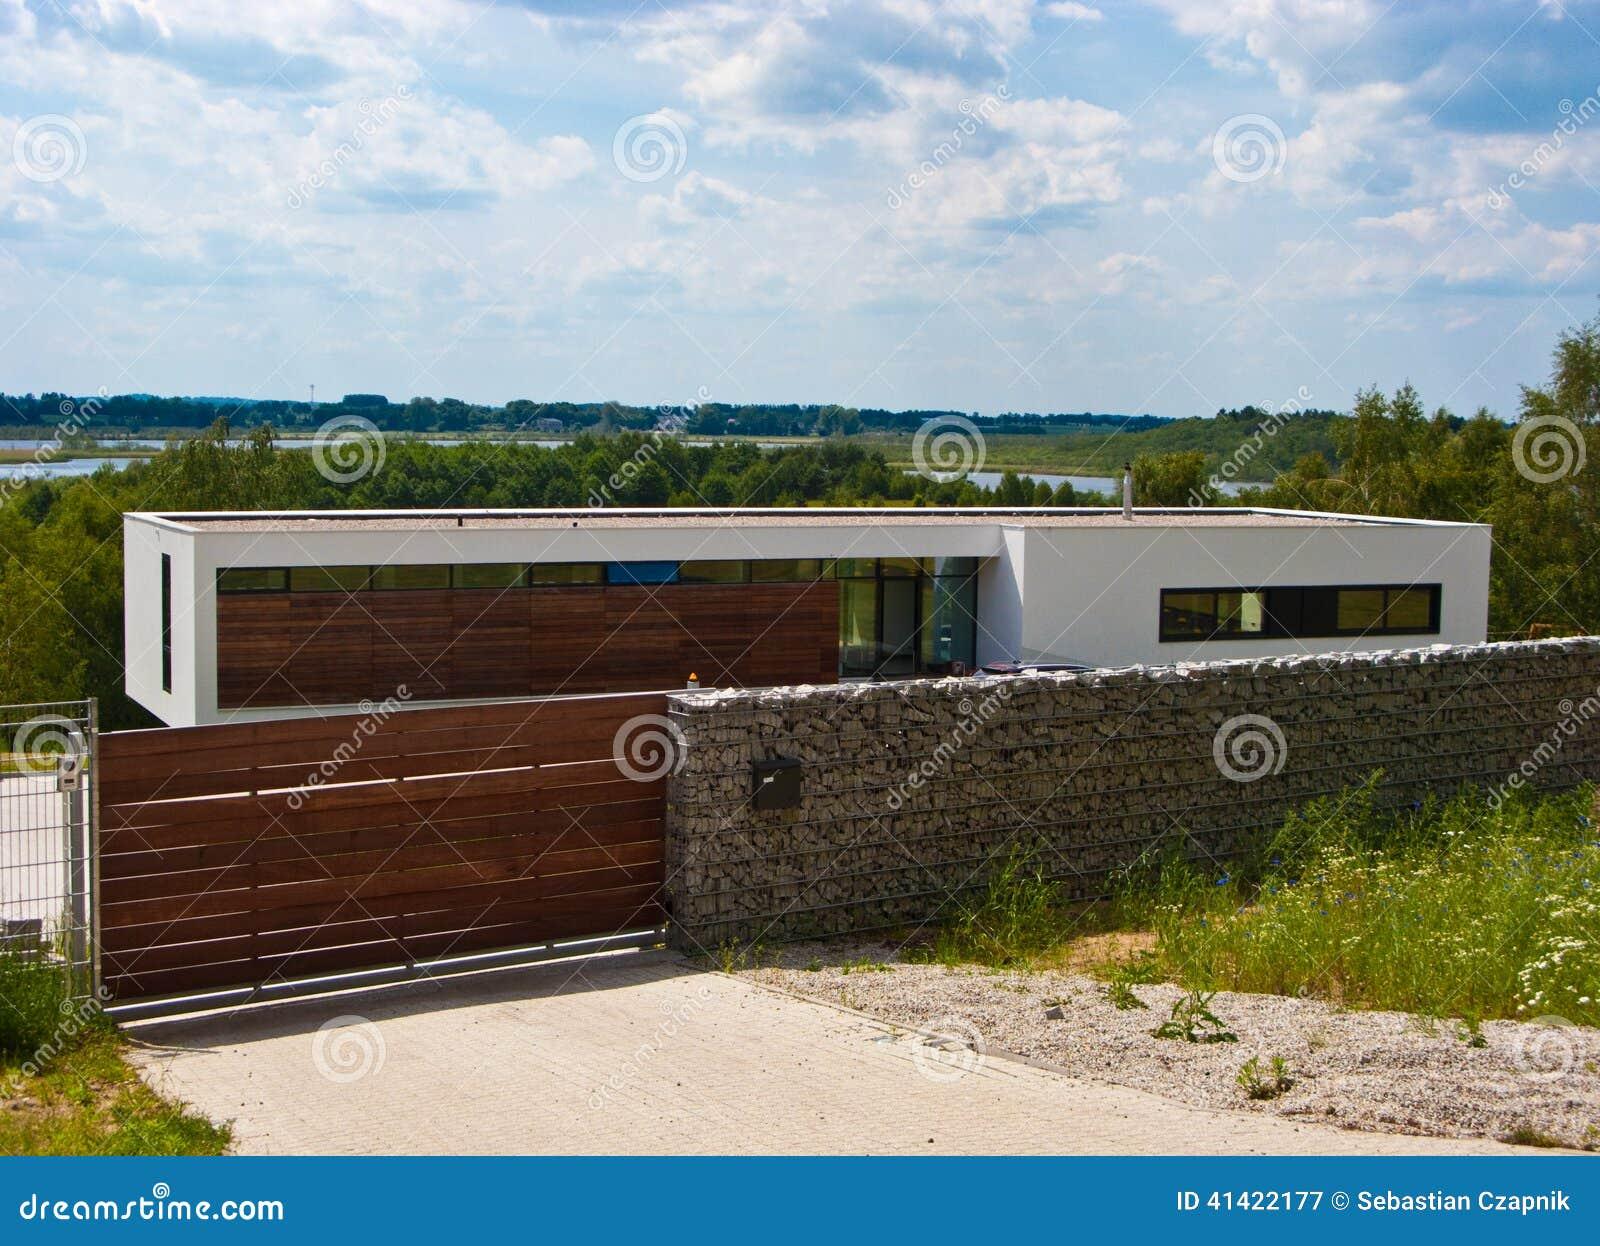 Modernes Haus Mit Steinzaun Stockbild Bild 41422177